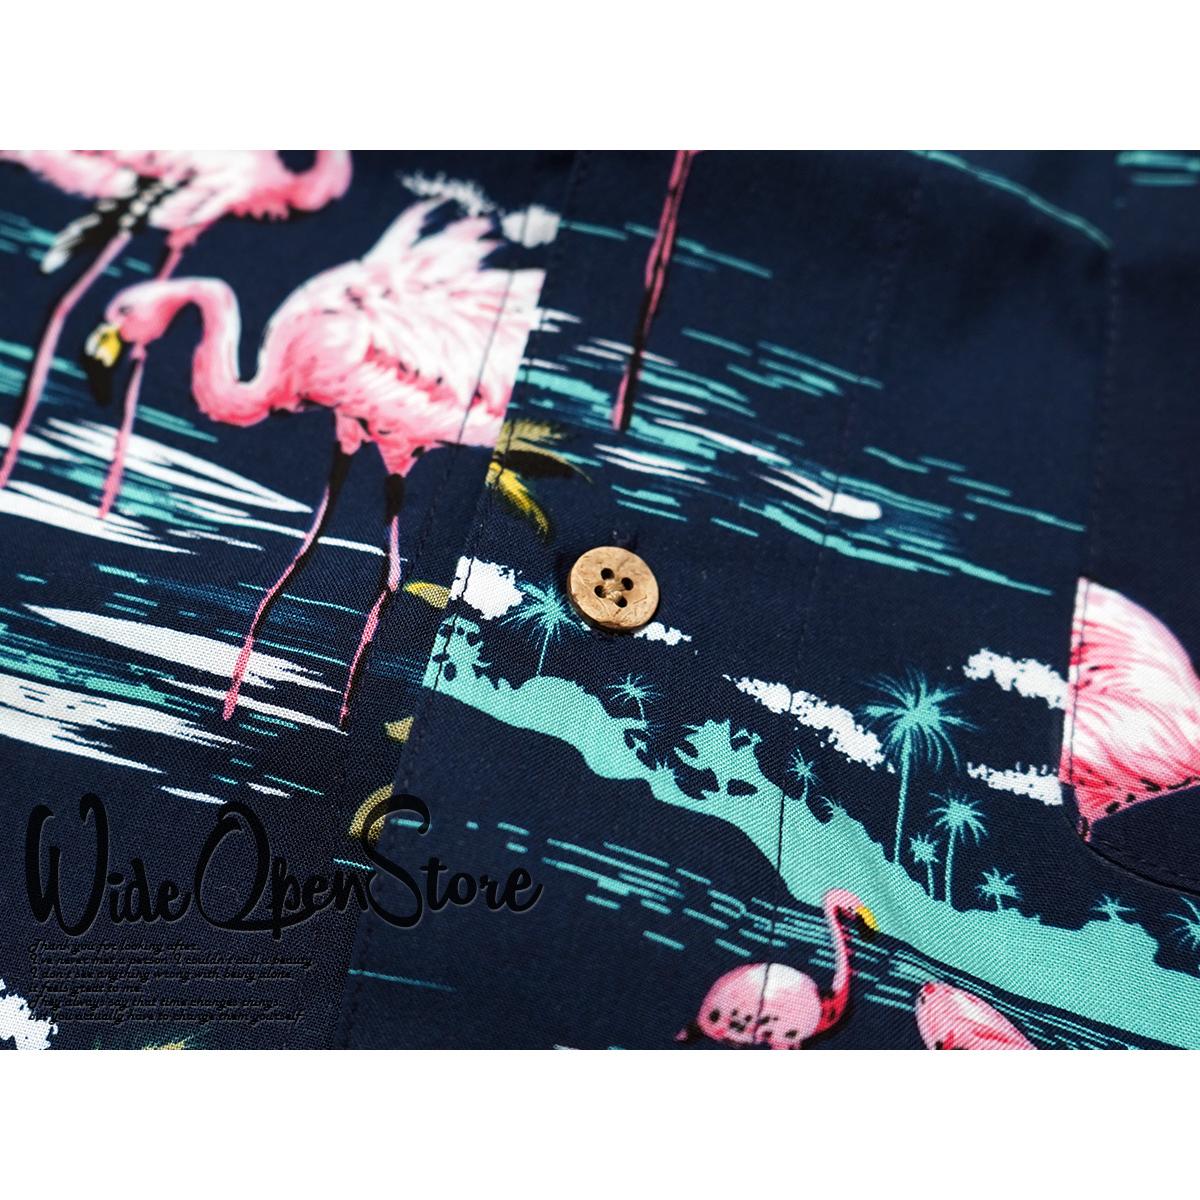 【新品】 アロハシャツ レーヨン ヤシ柄■ 5Lサイズ(4XL) / ネイビー紺28 ■大きいサイズ ボタニカル 花 オープンカラー b008_画像6